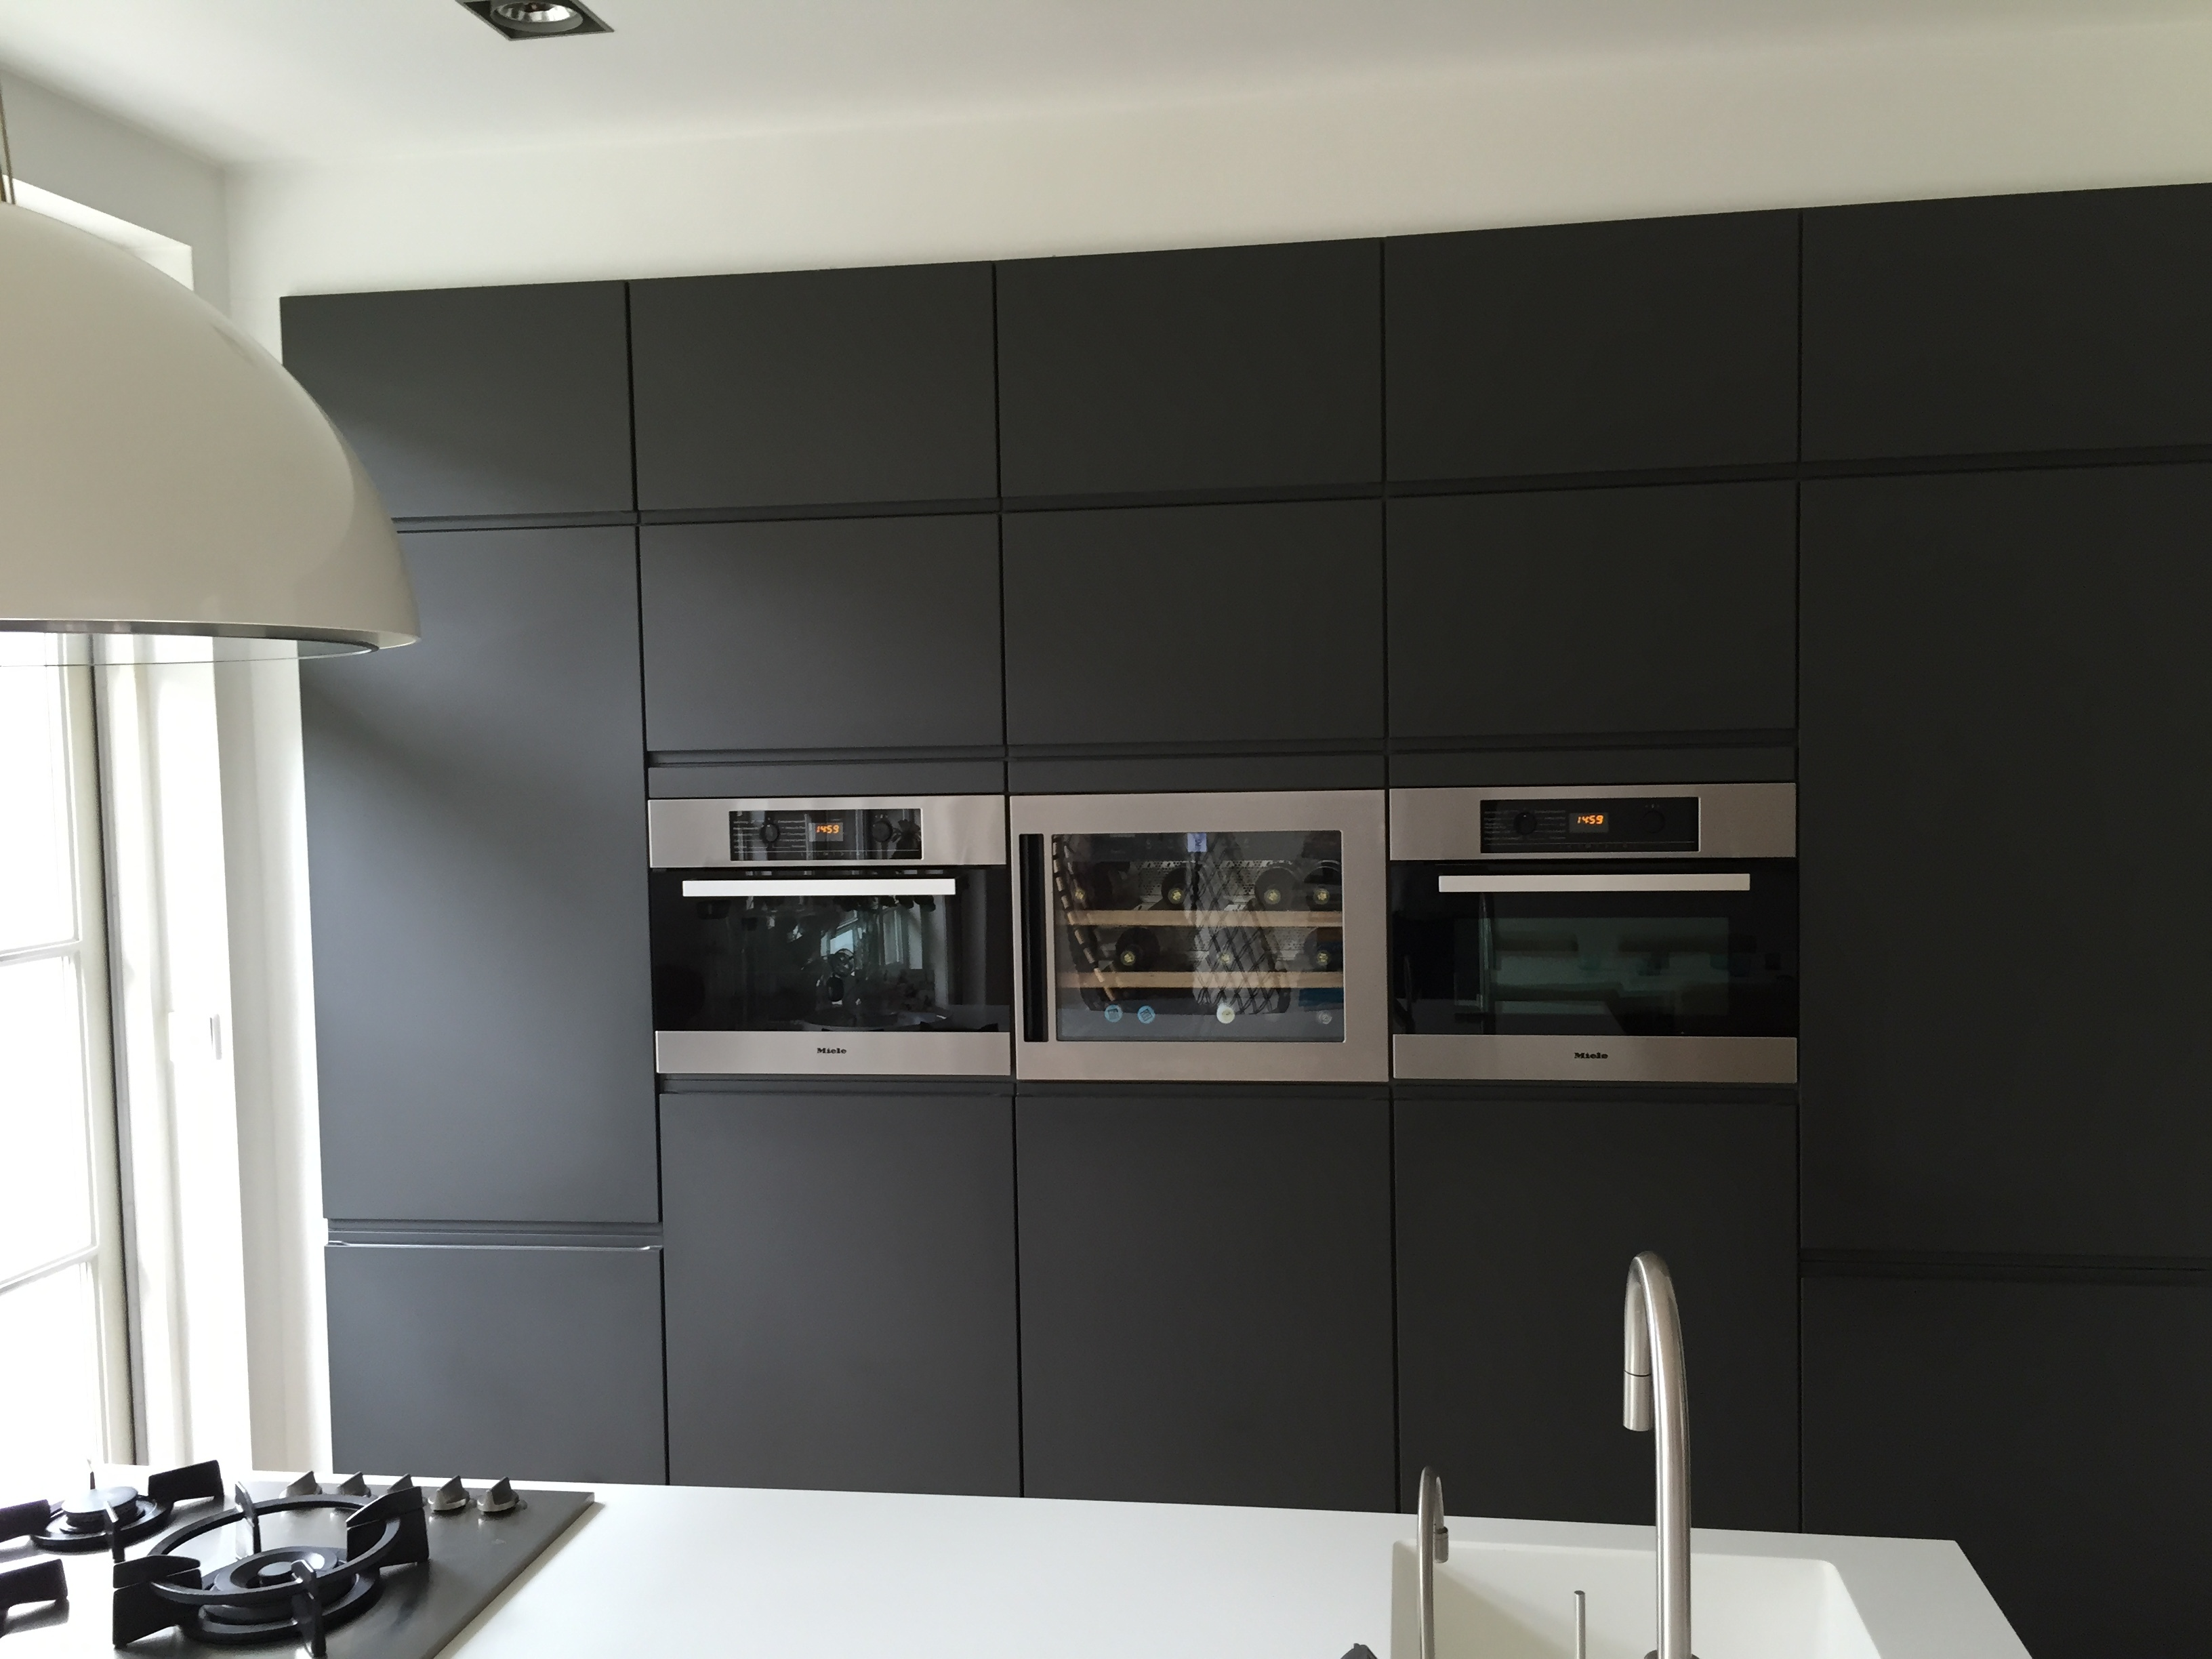 Wijn koelkast in keuken kasten wand (TIP) | voordemakers.nl